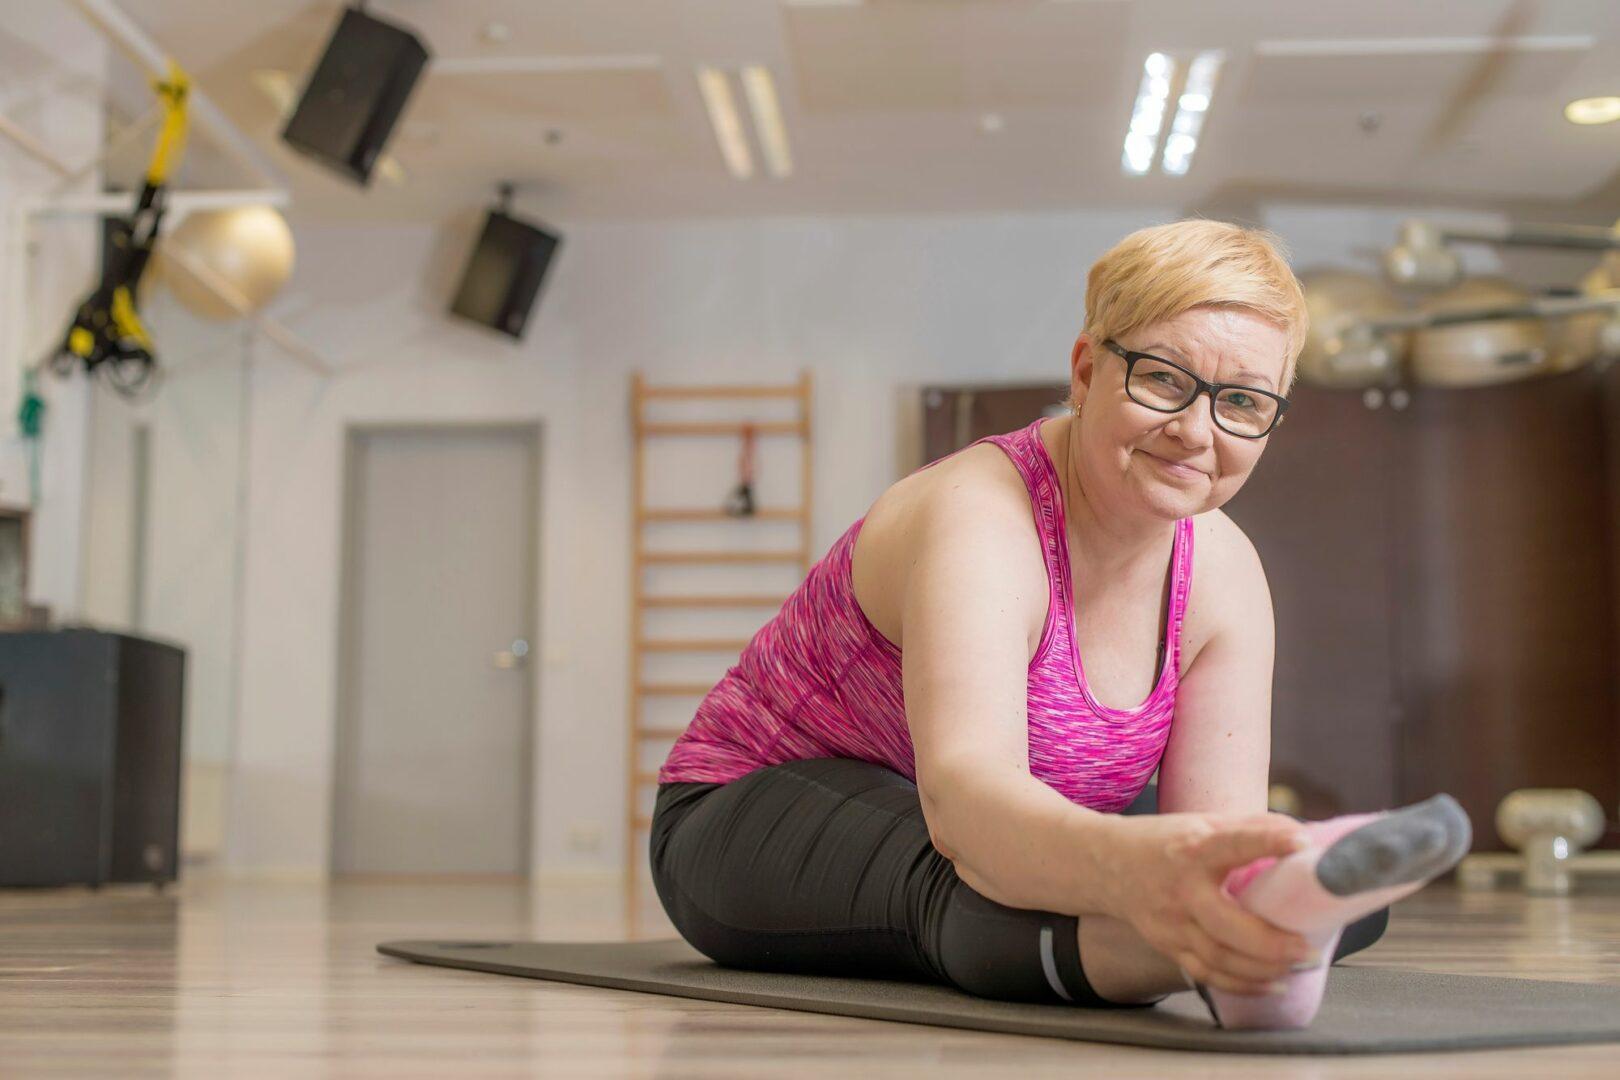 Vapaa-aikanaan Johanna Auranen treenaa kuntokeskuksessa. työuupumuksen pahimmassa vaiheessa salille lähtö oli vaikeaa, mutta vähitellen salikäynnit ovat auttaneet takaisin aktiiviseen elämään.  © Mikko Nikkinen